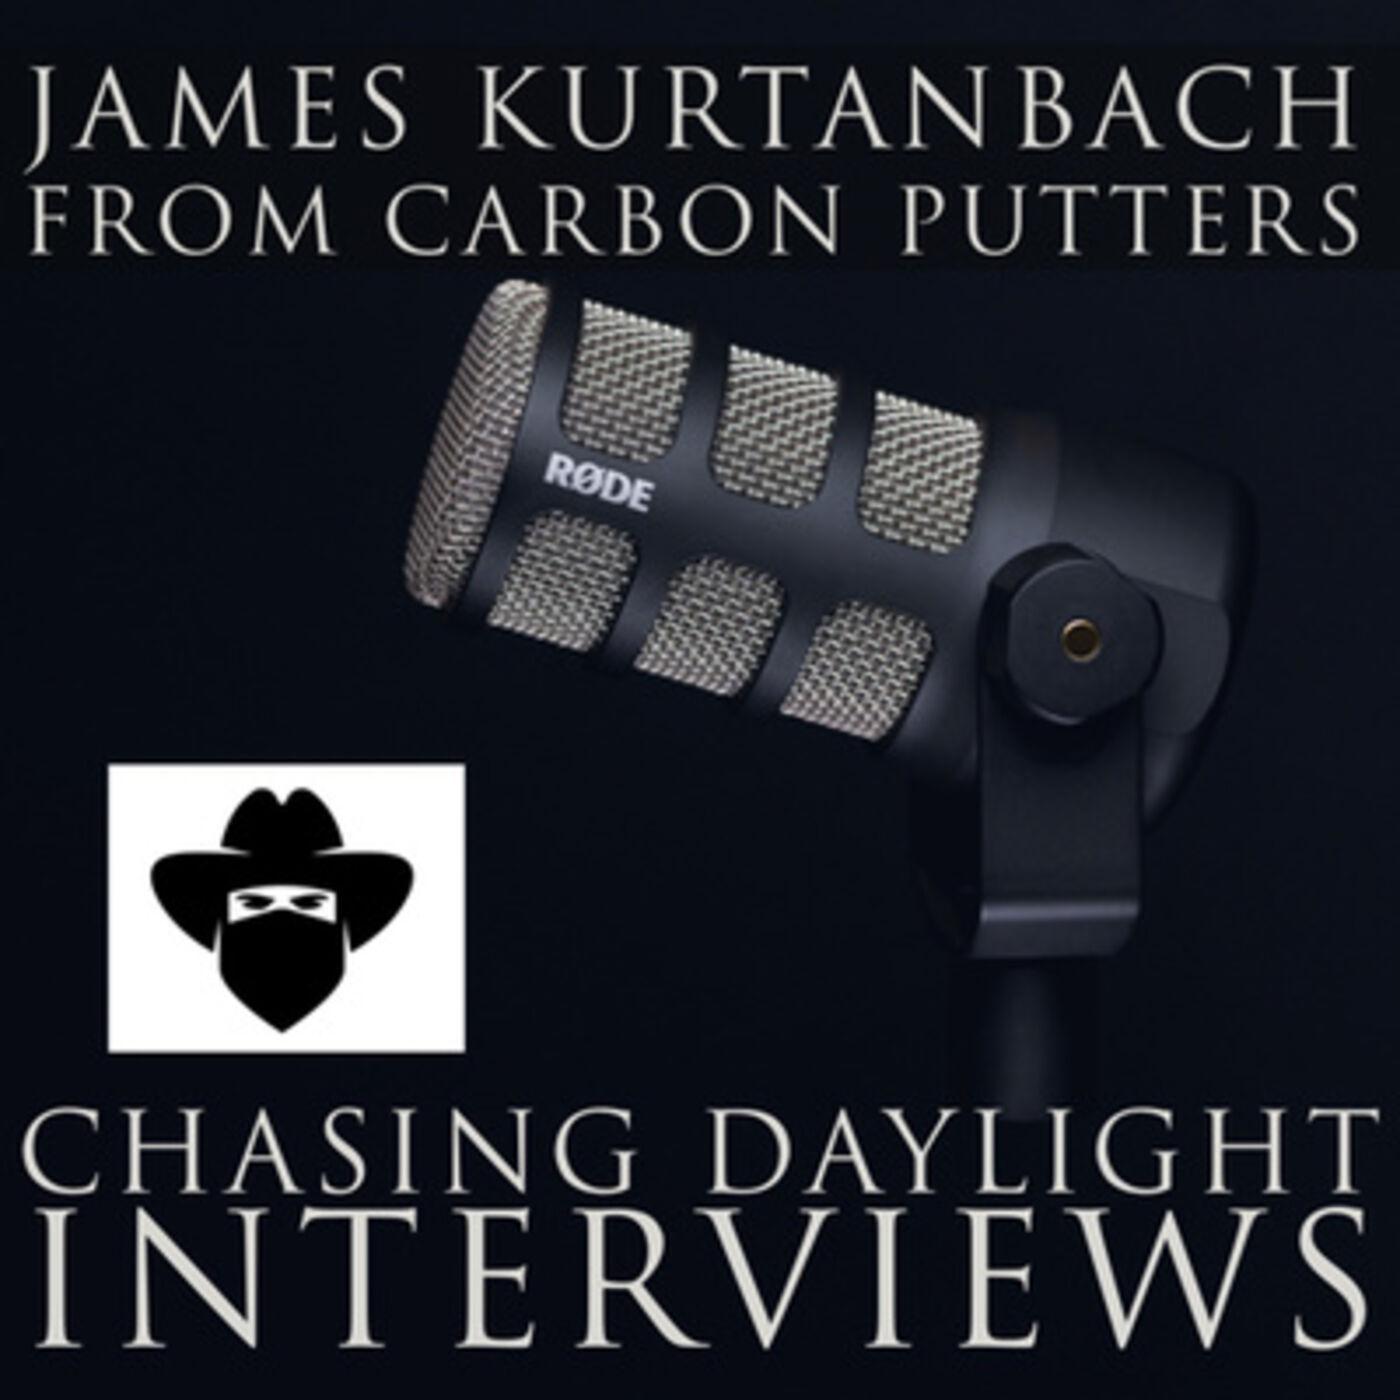 E20: James Kurtenbach from Carbon Putters